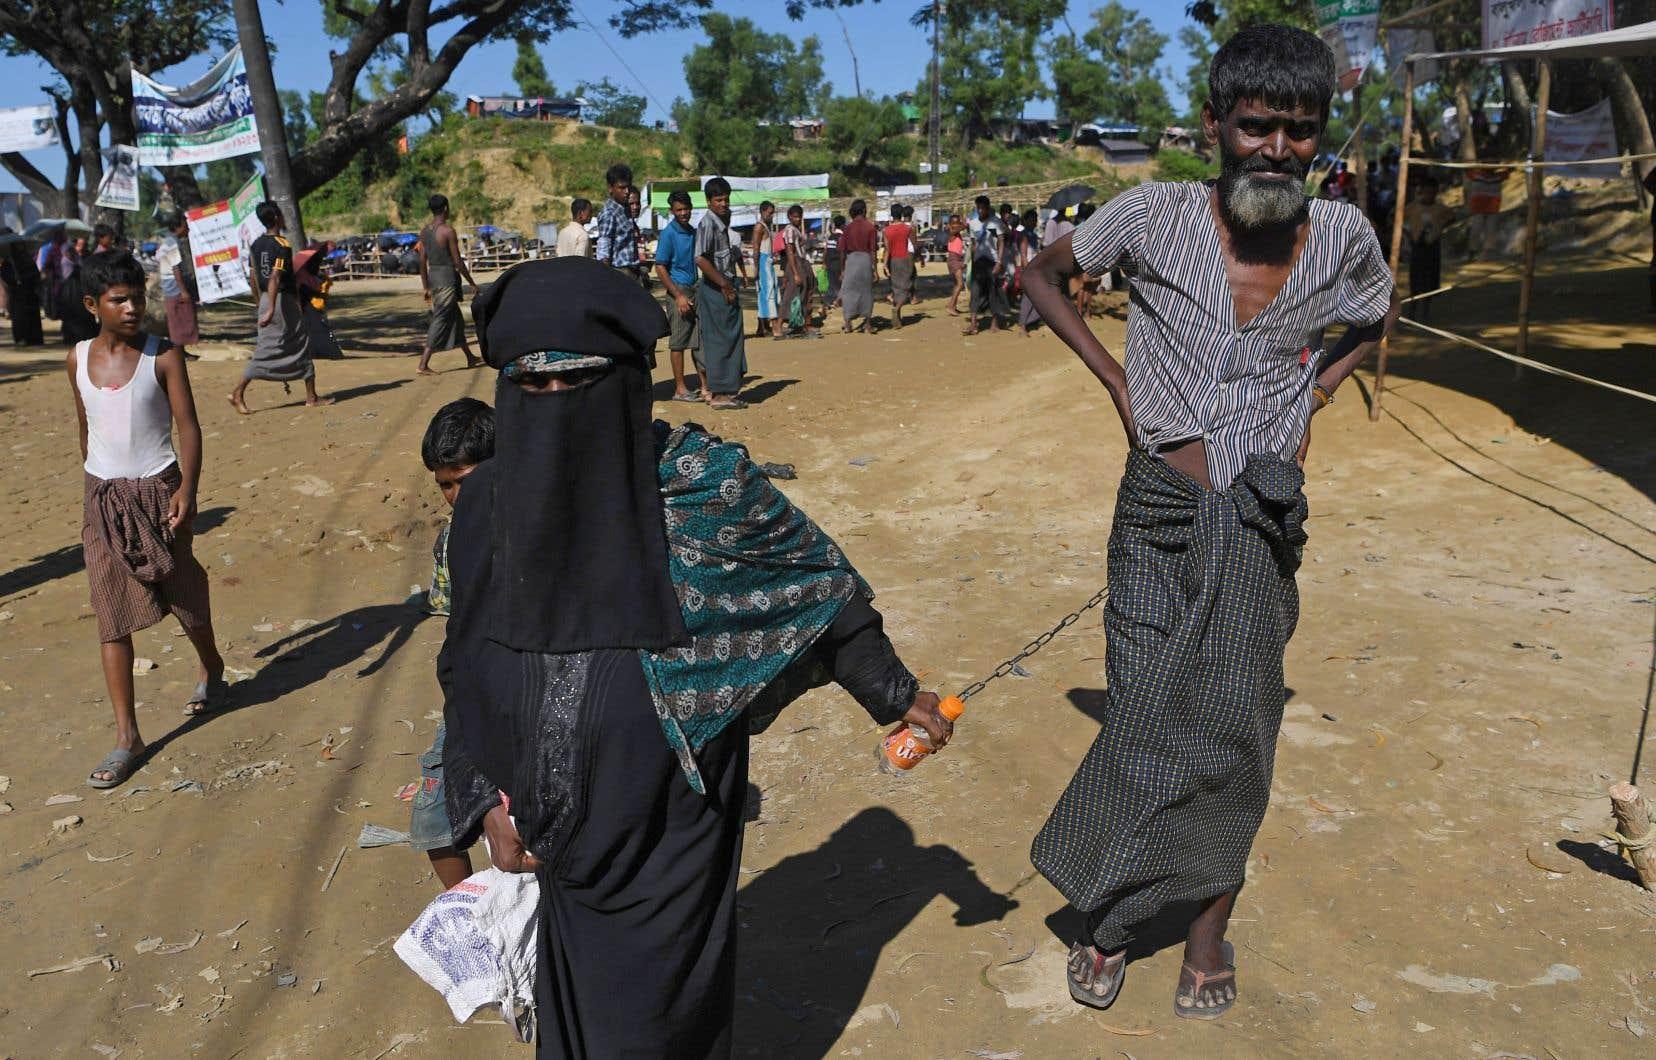 Le gouvernement du Bangladesh a alloué 1200 hectares de forêt pour permettre de construire des abris pour les réfugiés rohingyas, mais beaucoup se sont déjà installés avant que la construction officielle commence.